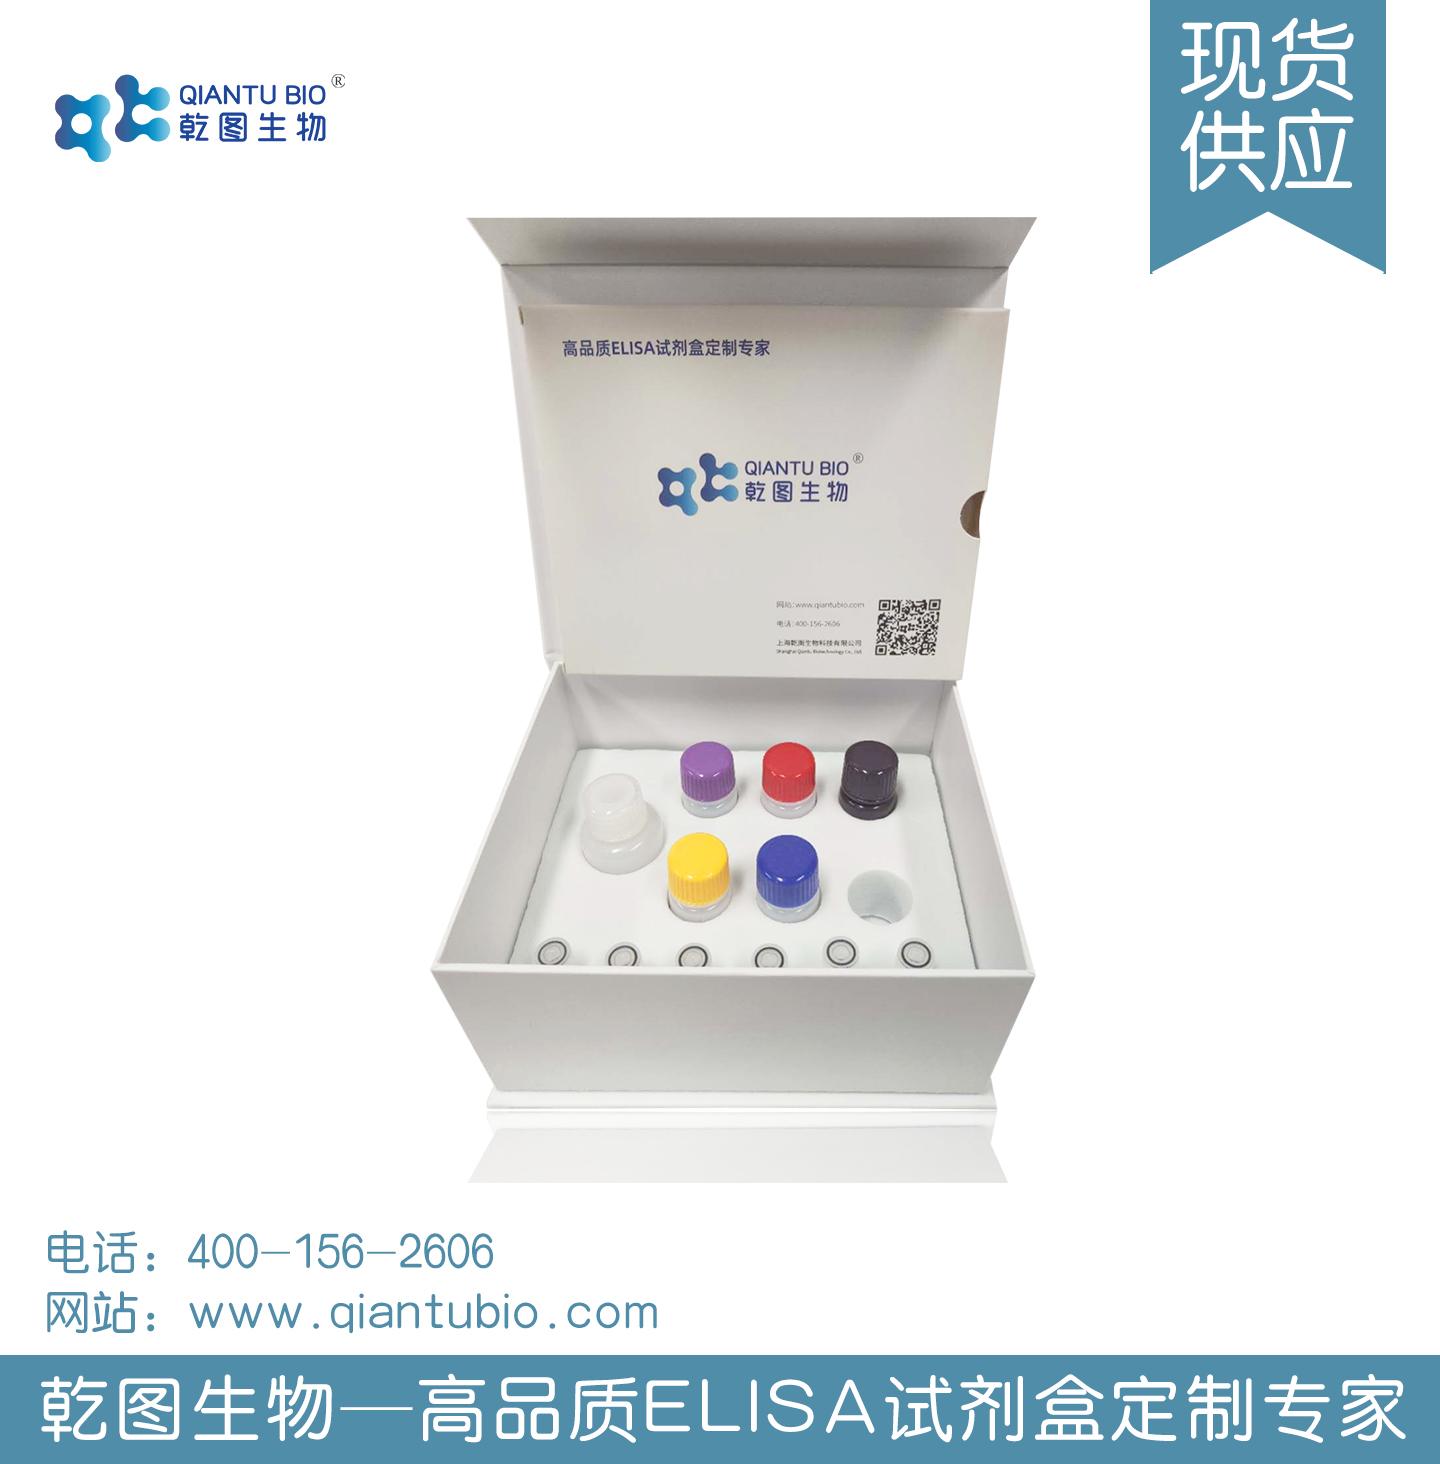 QTE15774 大鼠视黄醇结合蛋白(RBP)ELISA试剂盒试剂盒价格